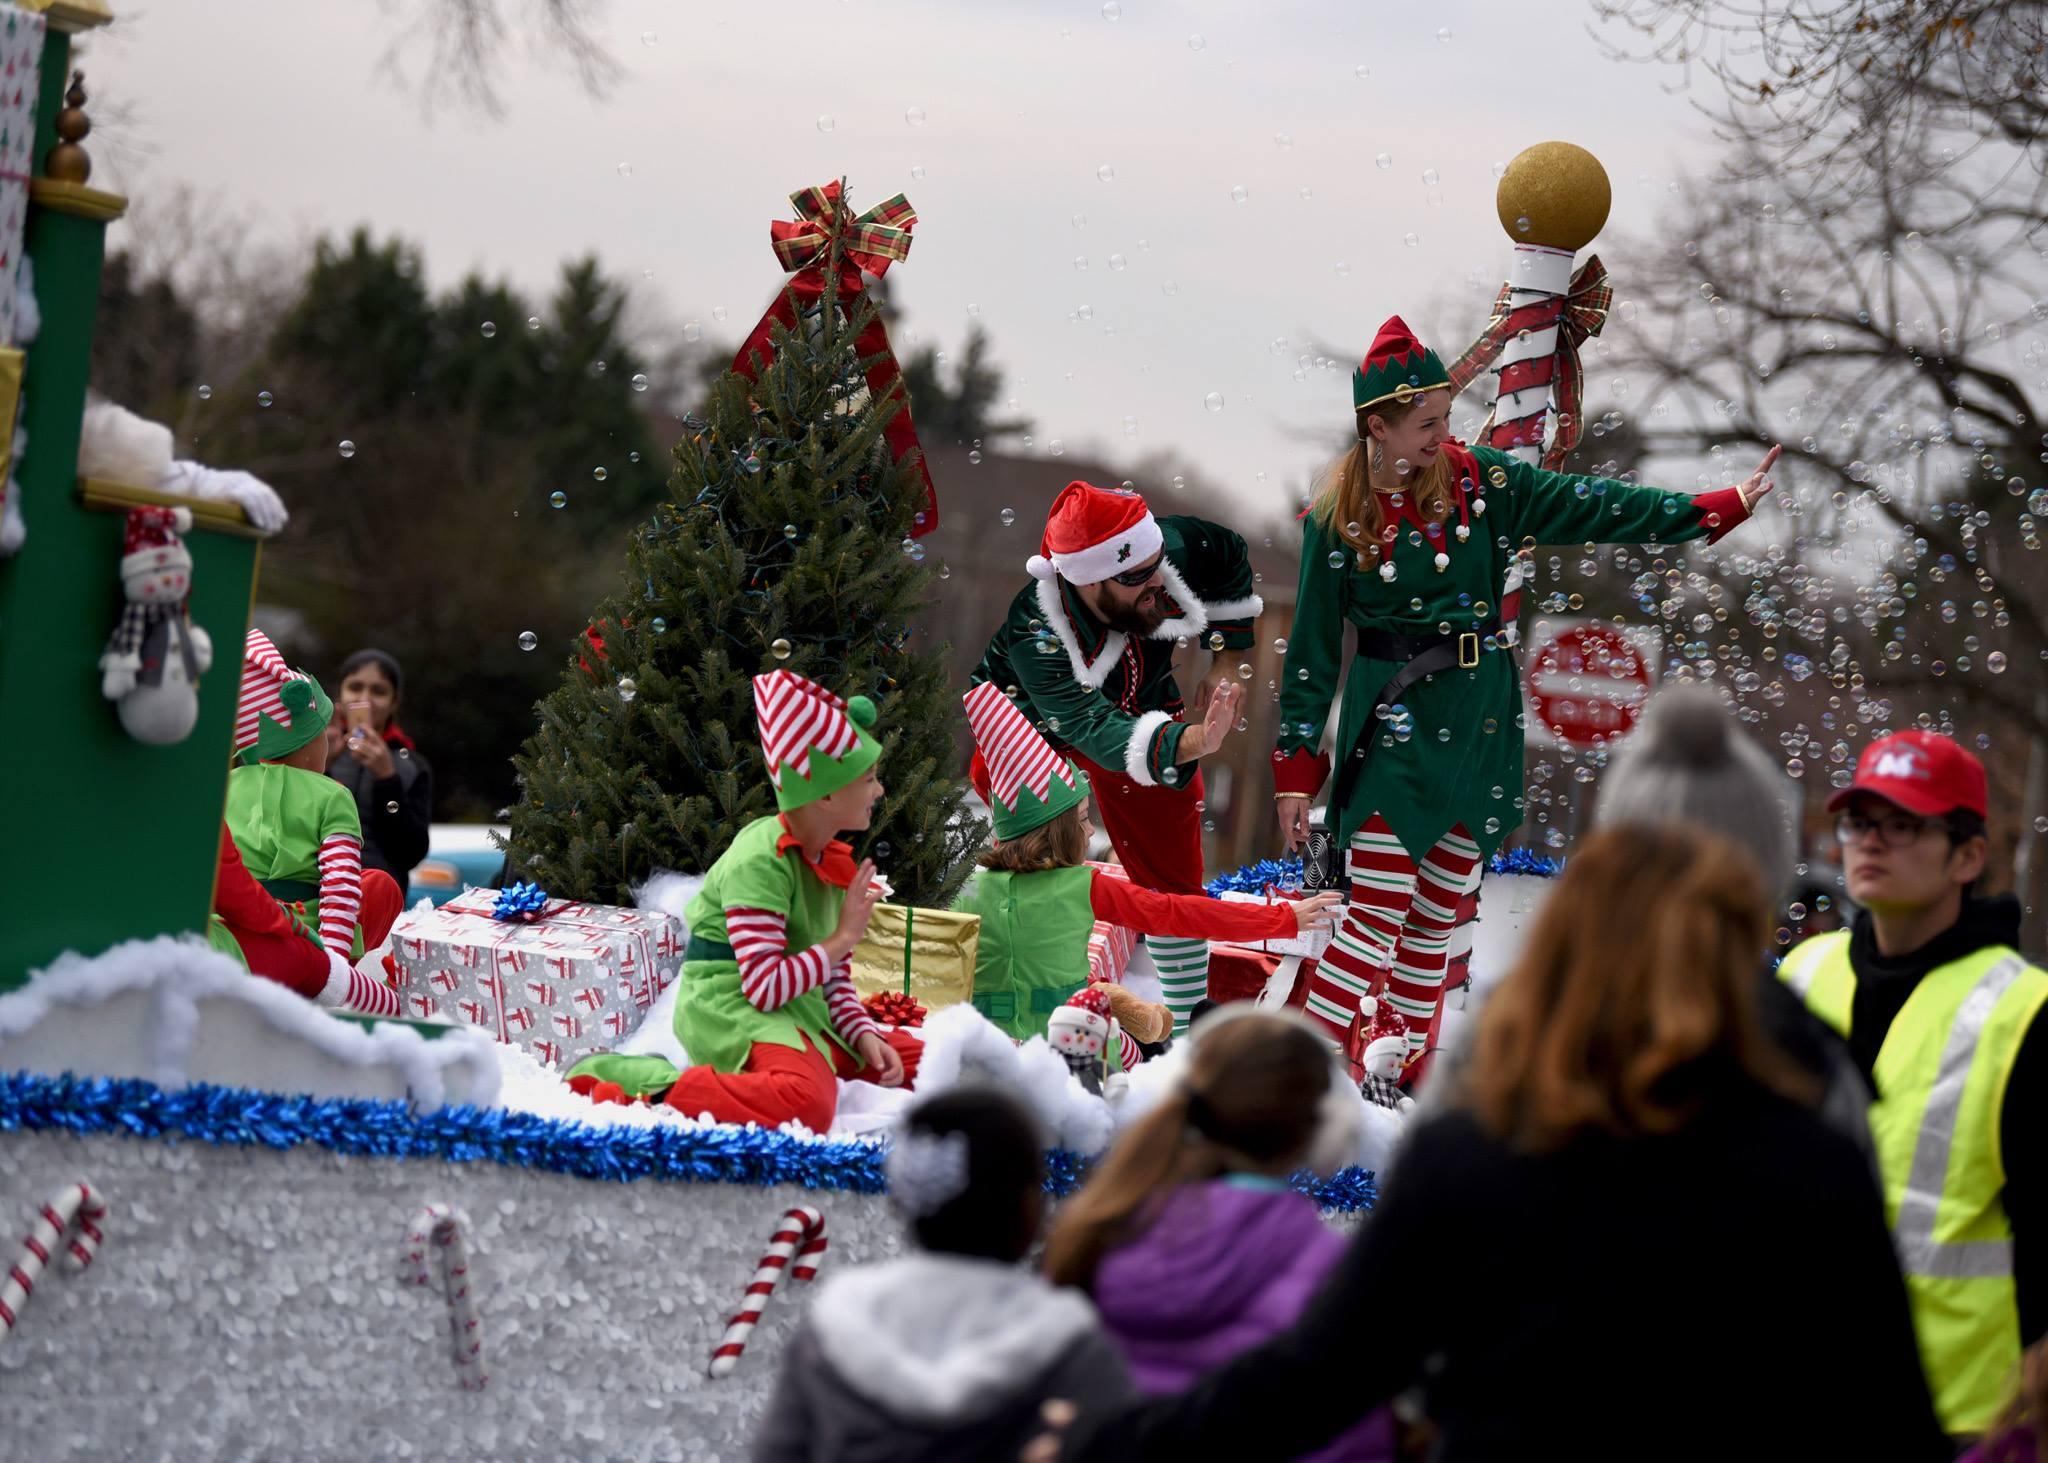 Santa's elves at christmas parade